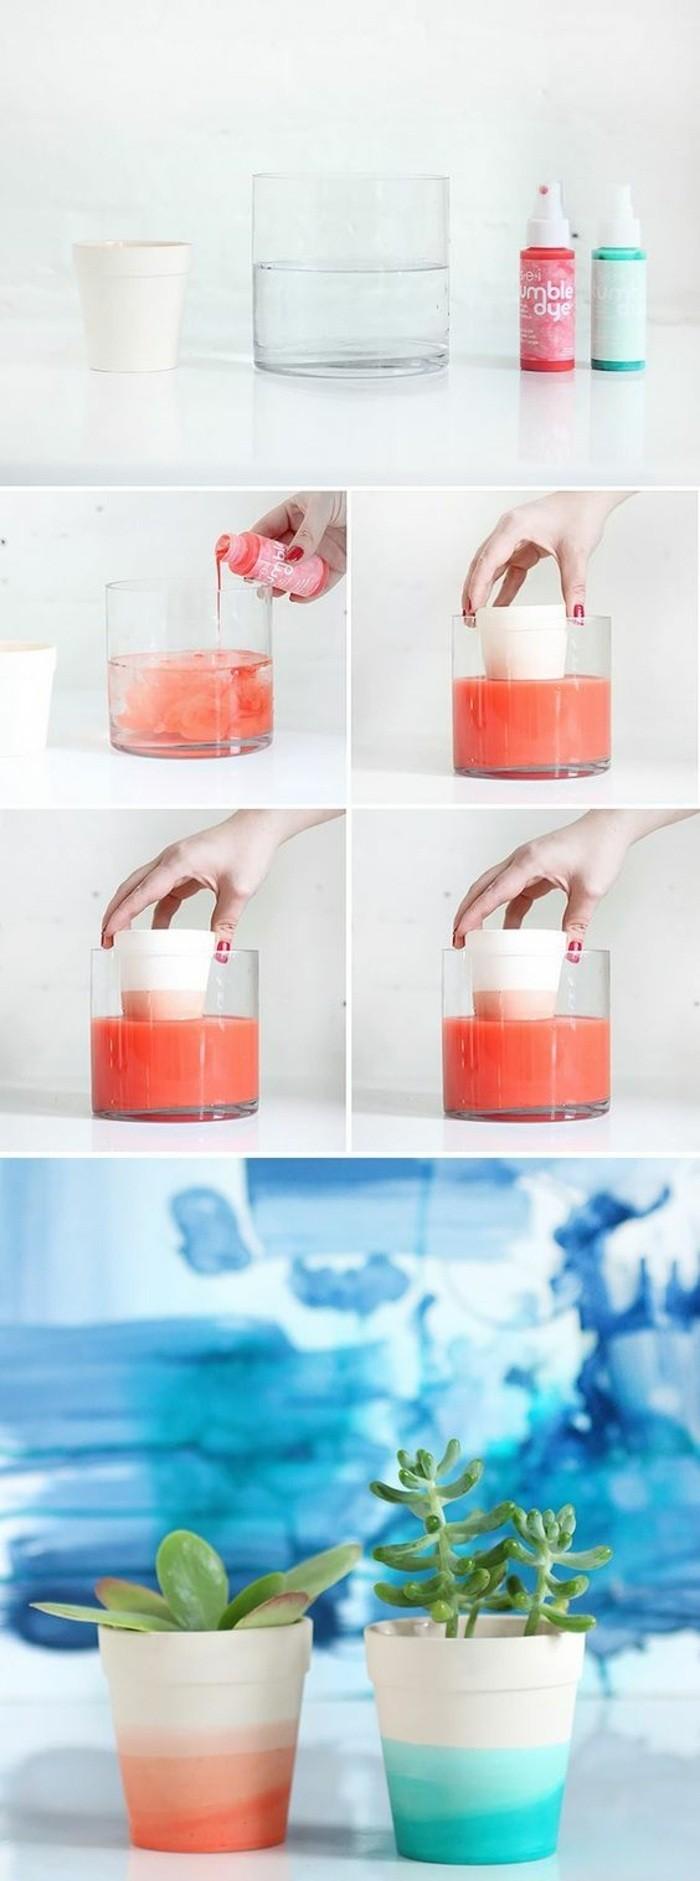 kreatives-basteln-blumentoepfe-mit-nagellack-verzieren